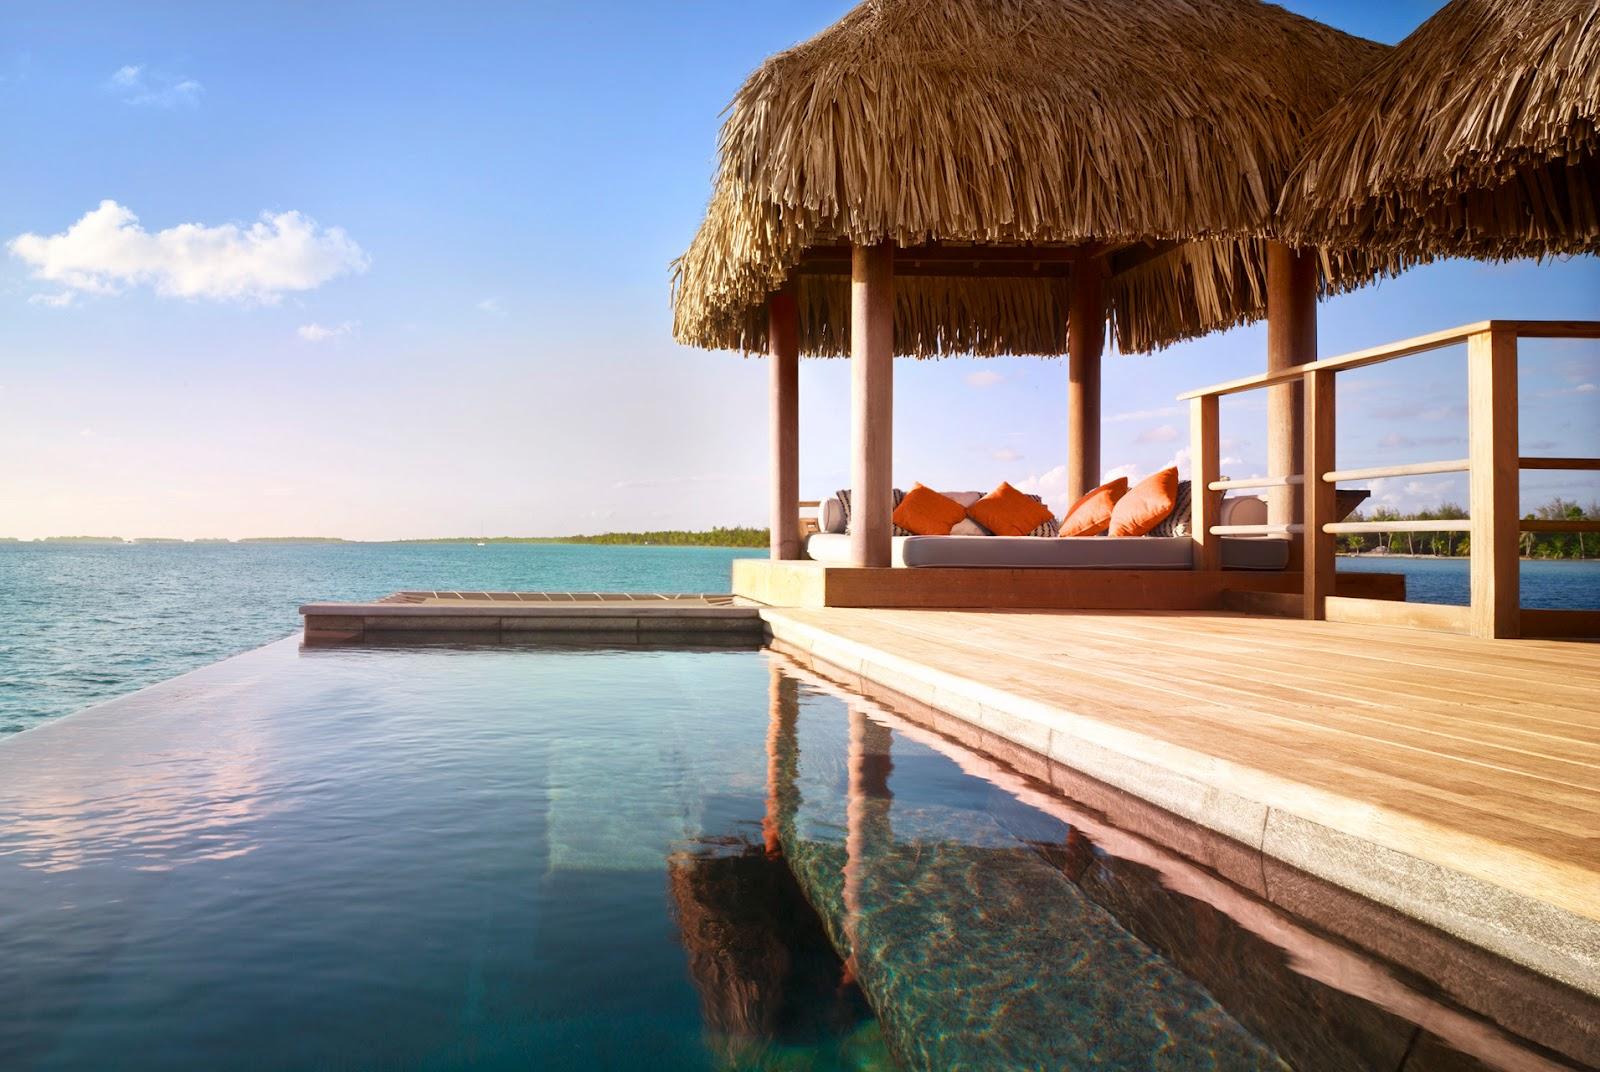 Four-Seasons-Resort-Bora-Bora-27